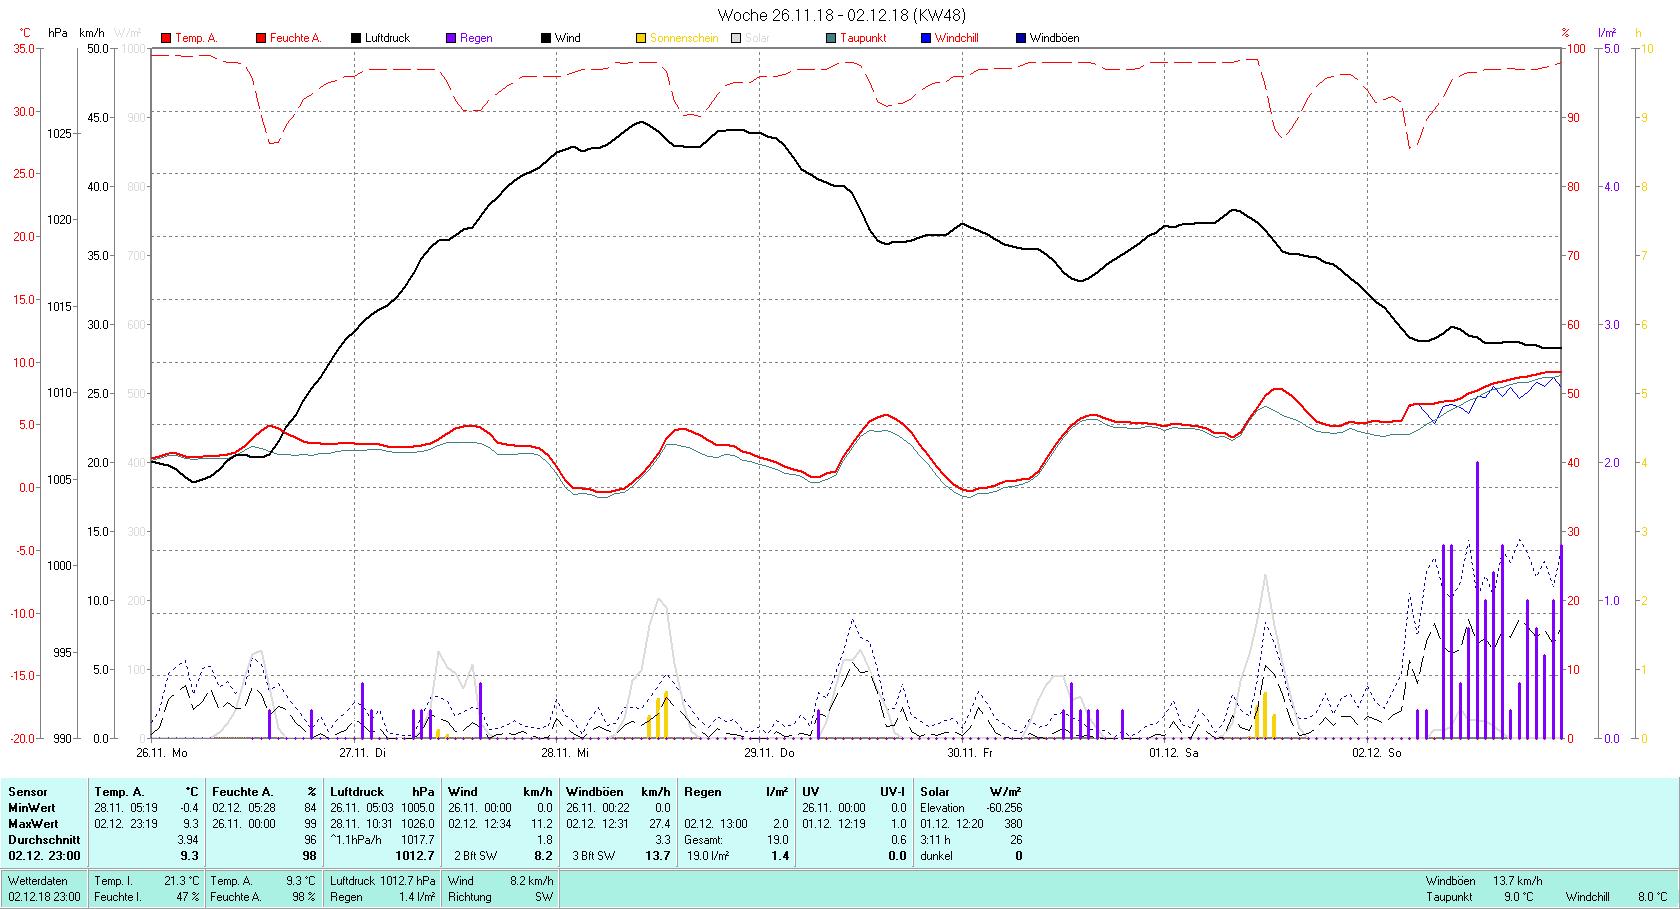 KW 48 Tmin -0.4°C, Tmax 9.3°C, Sonne 3:11 h Niederschlag 19 mm2